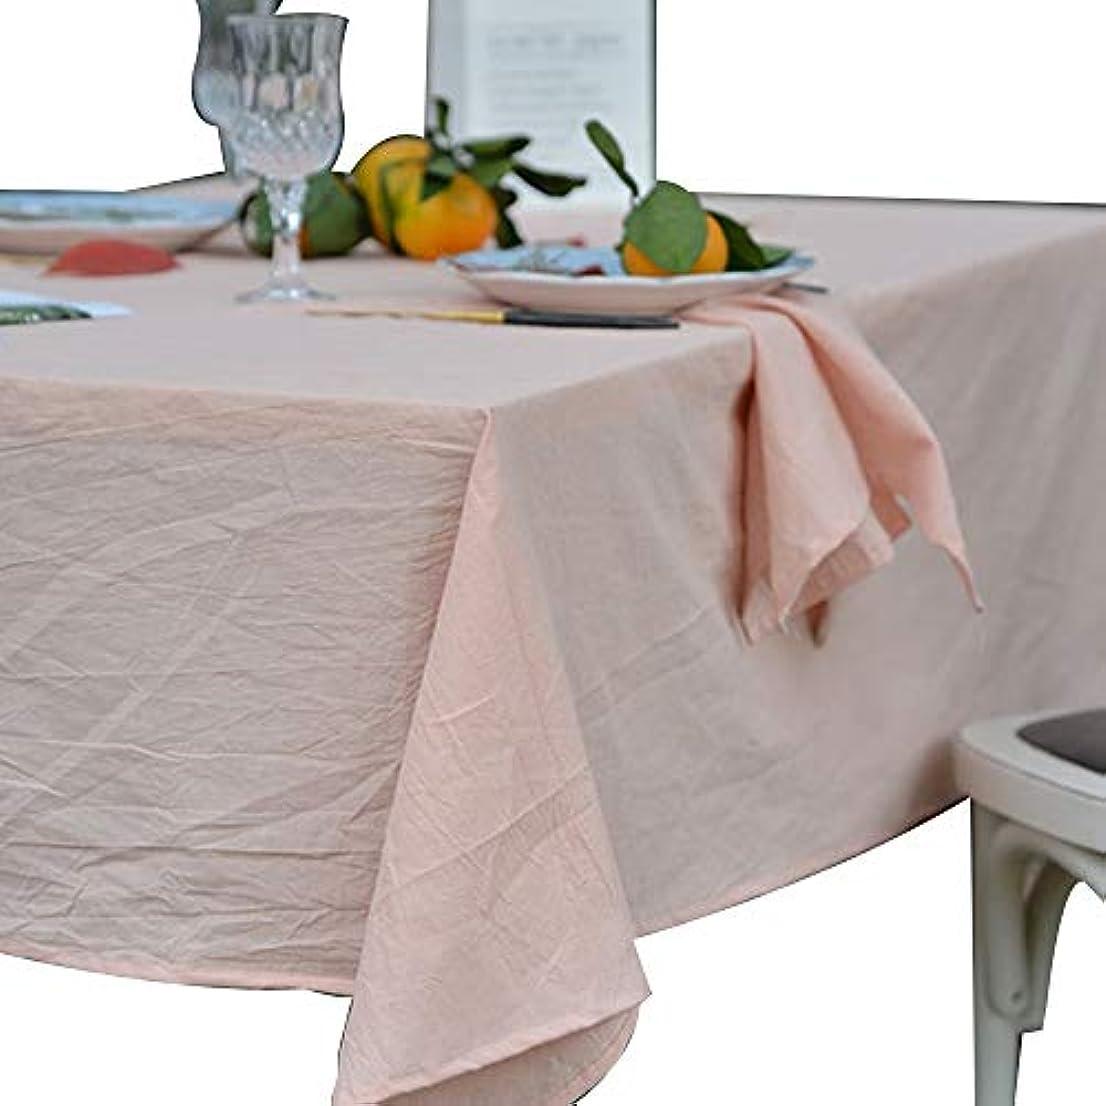 夫婦ラショナル貧しいHANSHAN テーブルクロス テーブルクロス、背景写真のテーブルクロス西洋料理デコレーション表に乗りカバー防塵ラウンドテーブルクロス180 X 180センチメートル (Color : B, Size : 100 x 160 cm)